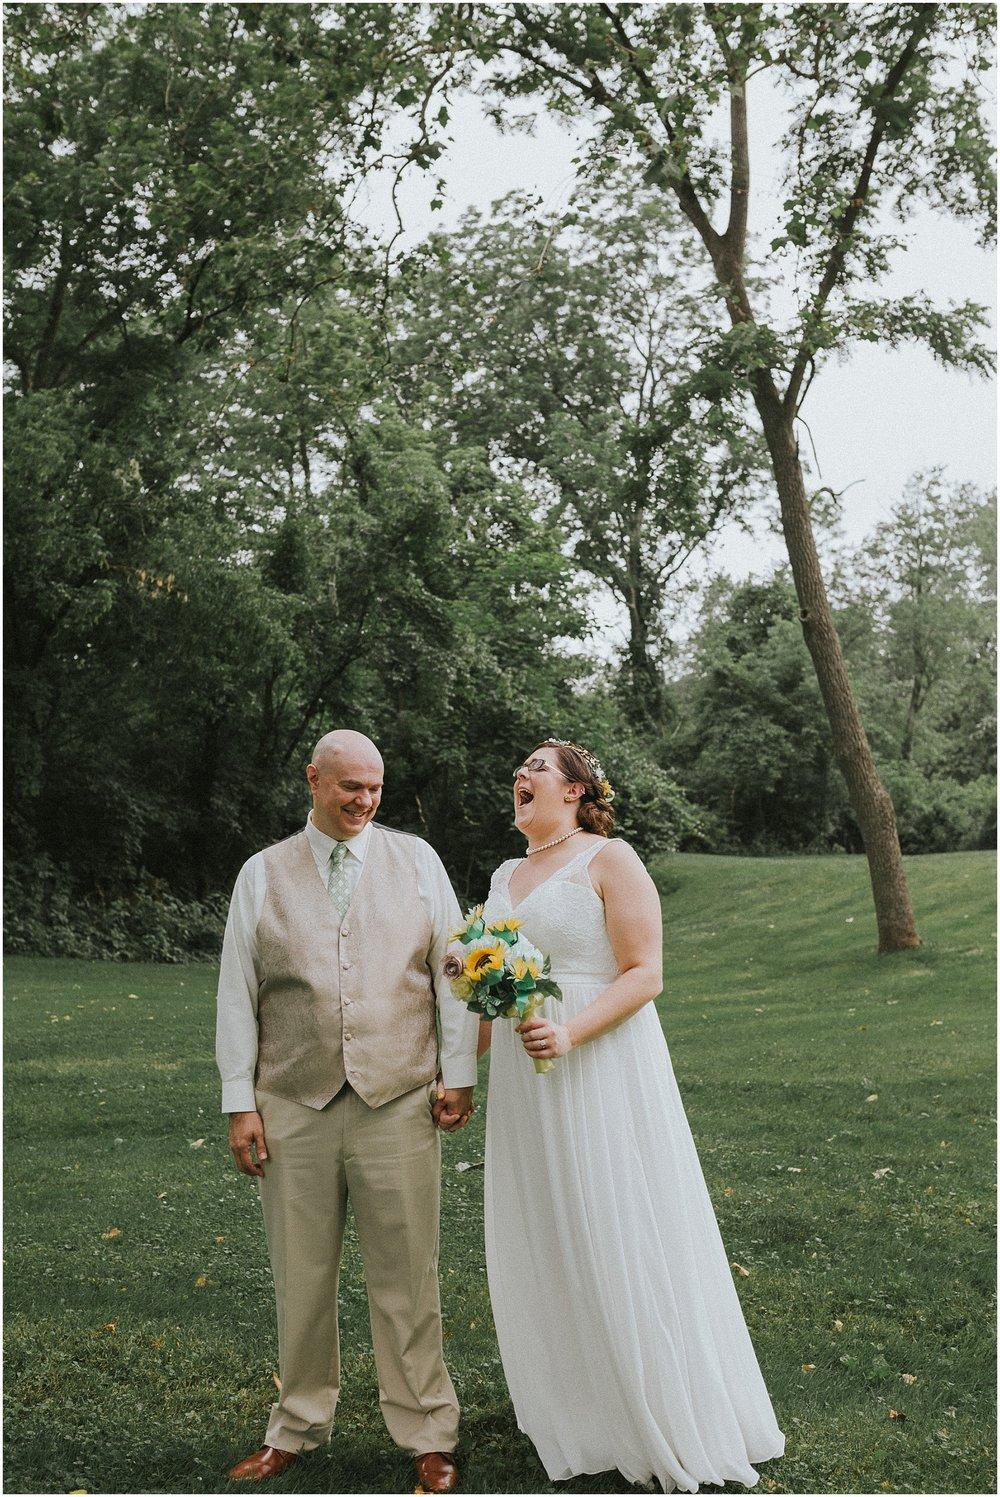 Reading-Pennsylvania-Outdoor-Wedding-DIY-Bride-Groom-Dancing-Laughter-Reception (45).jpg